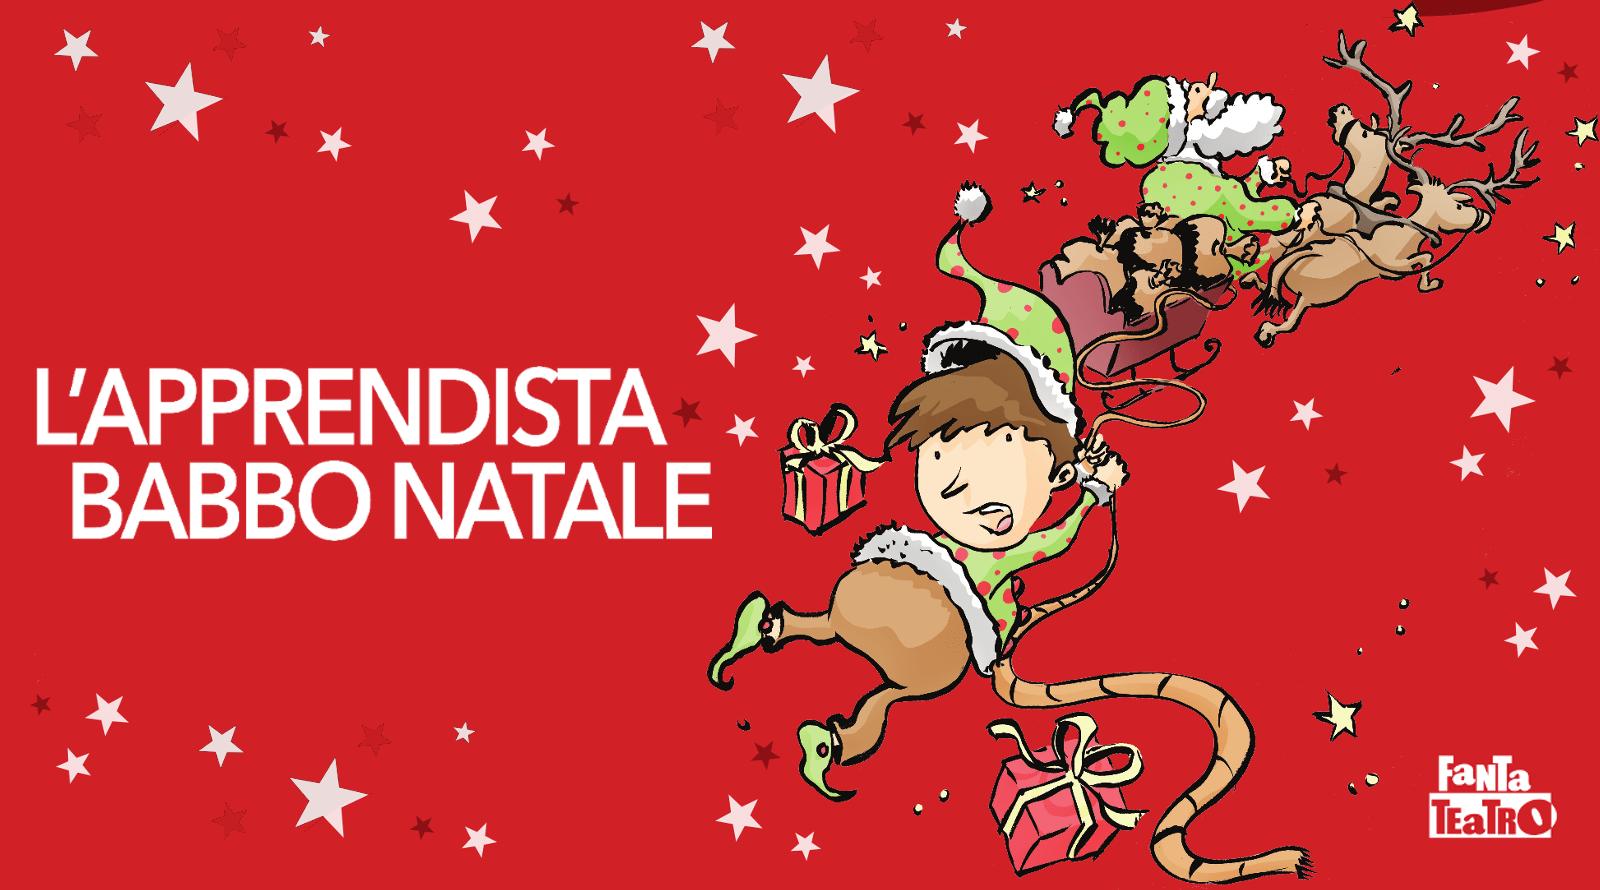 L Apprendista Di Babbo Natale.15 12 L Apprendista Babbo Natale Cesena Fantateatro